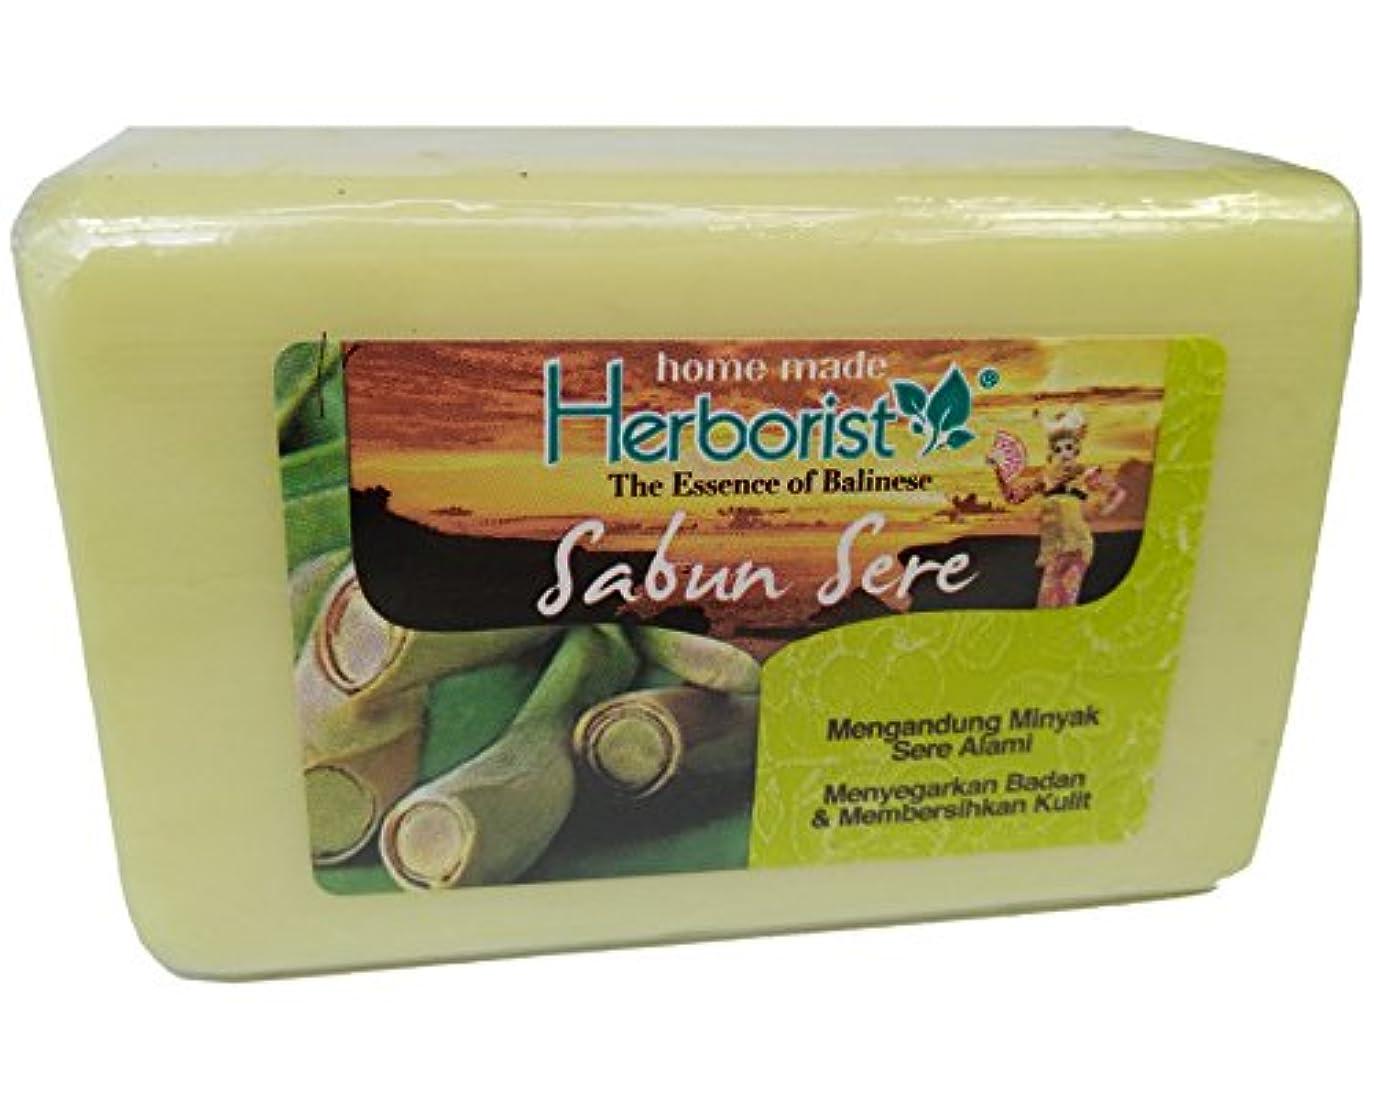 効果的すべき晴れHerborist Sabun Sere ハーボリストセアソープ 160g 天然シトロネラオイル配合